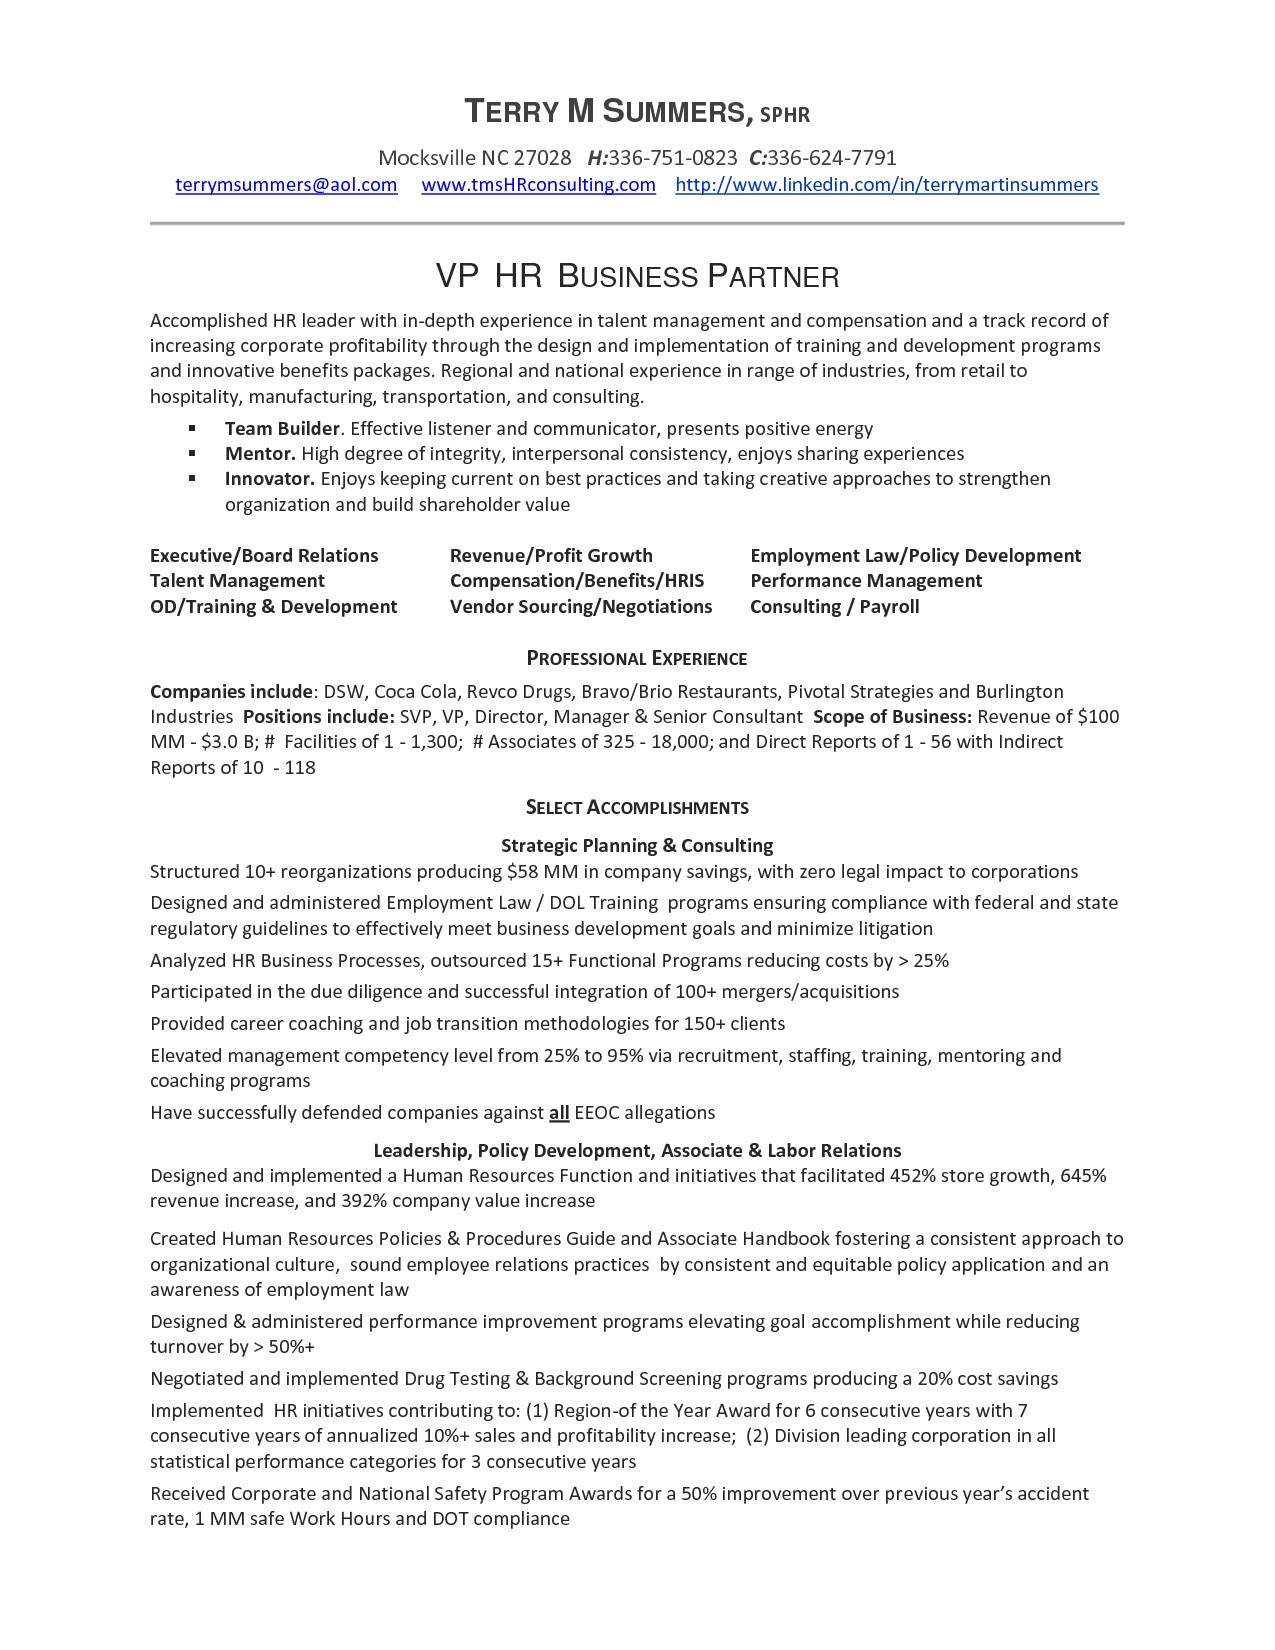 Insurance Renewal Letter Template - Unique Insurance Letter Templates